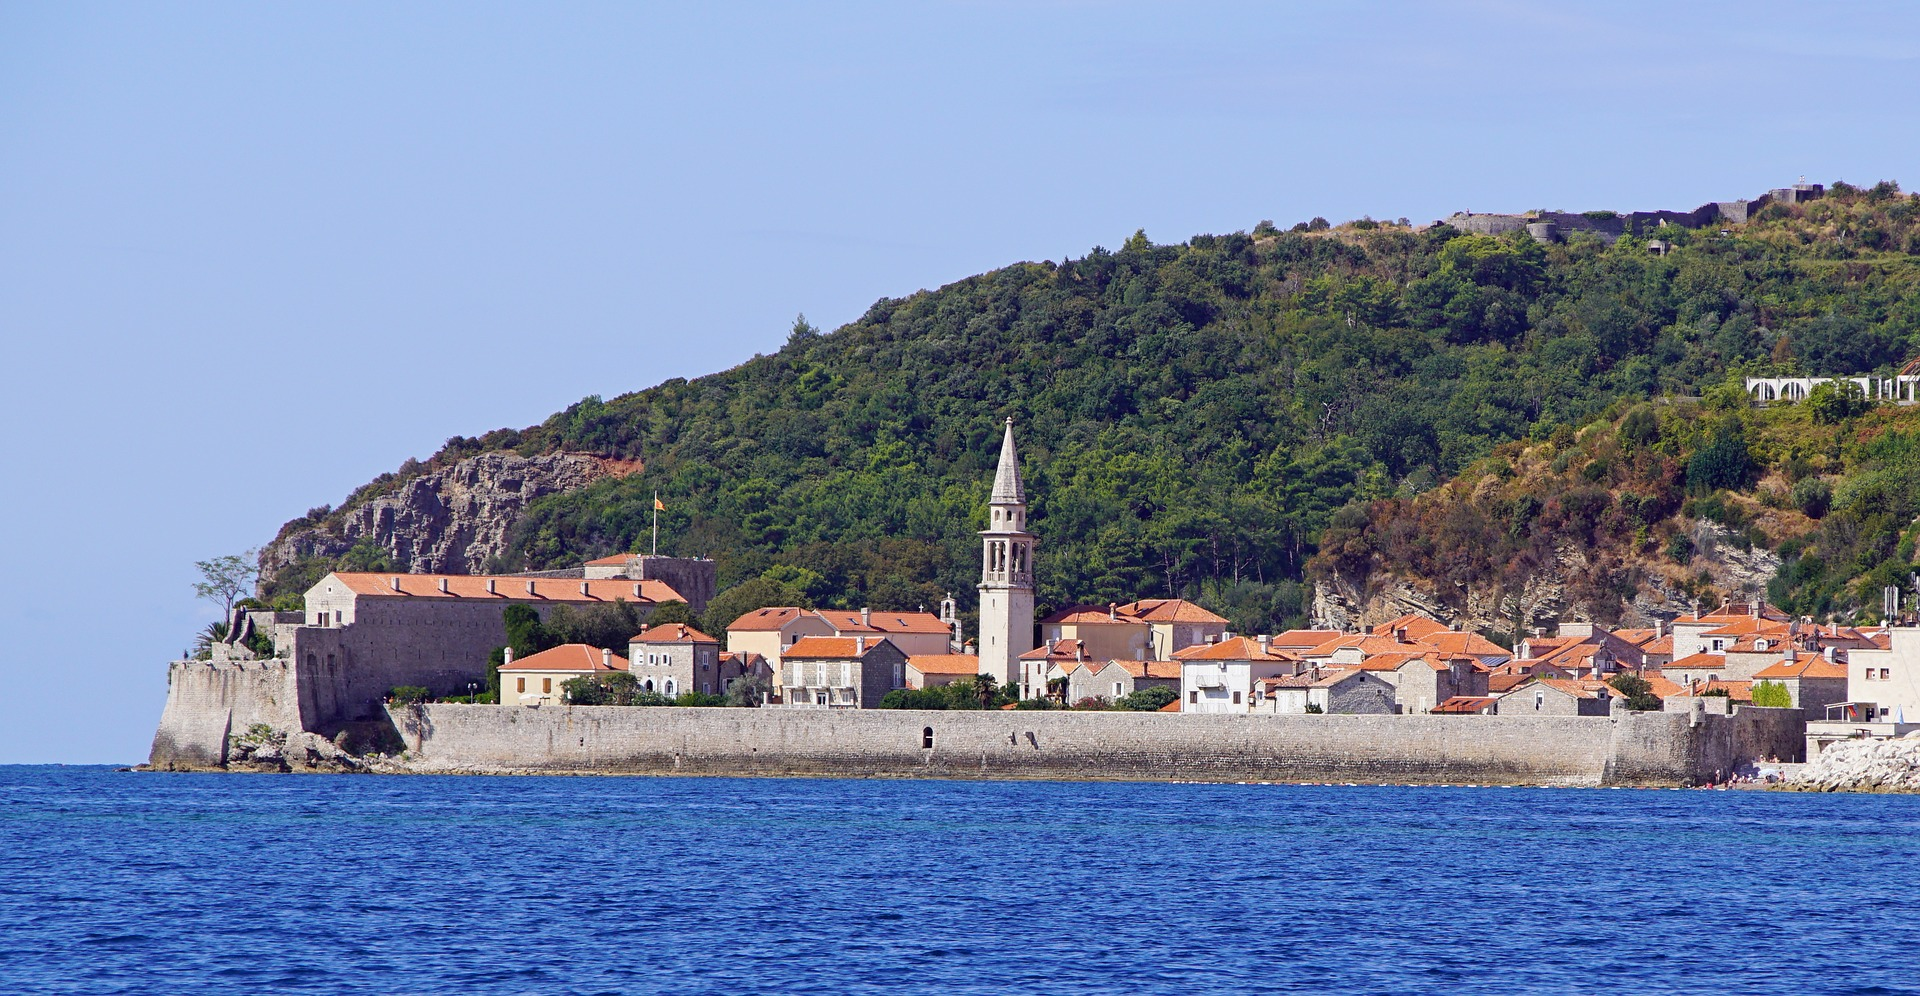 adriatic-3693981_1920